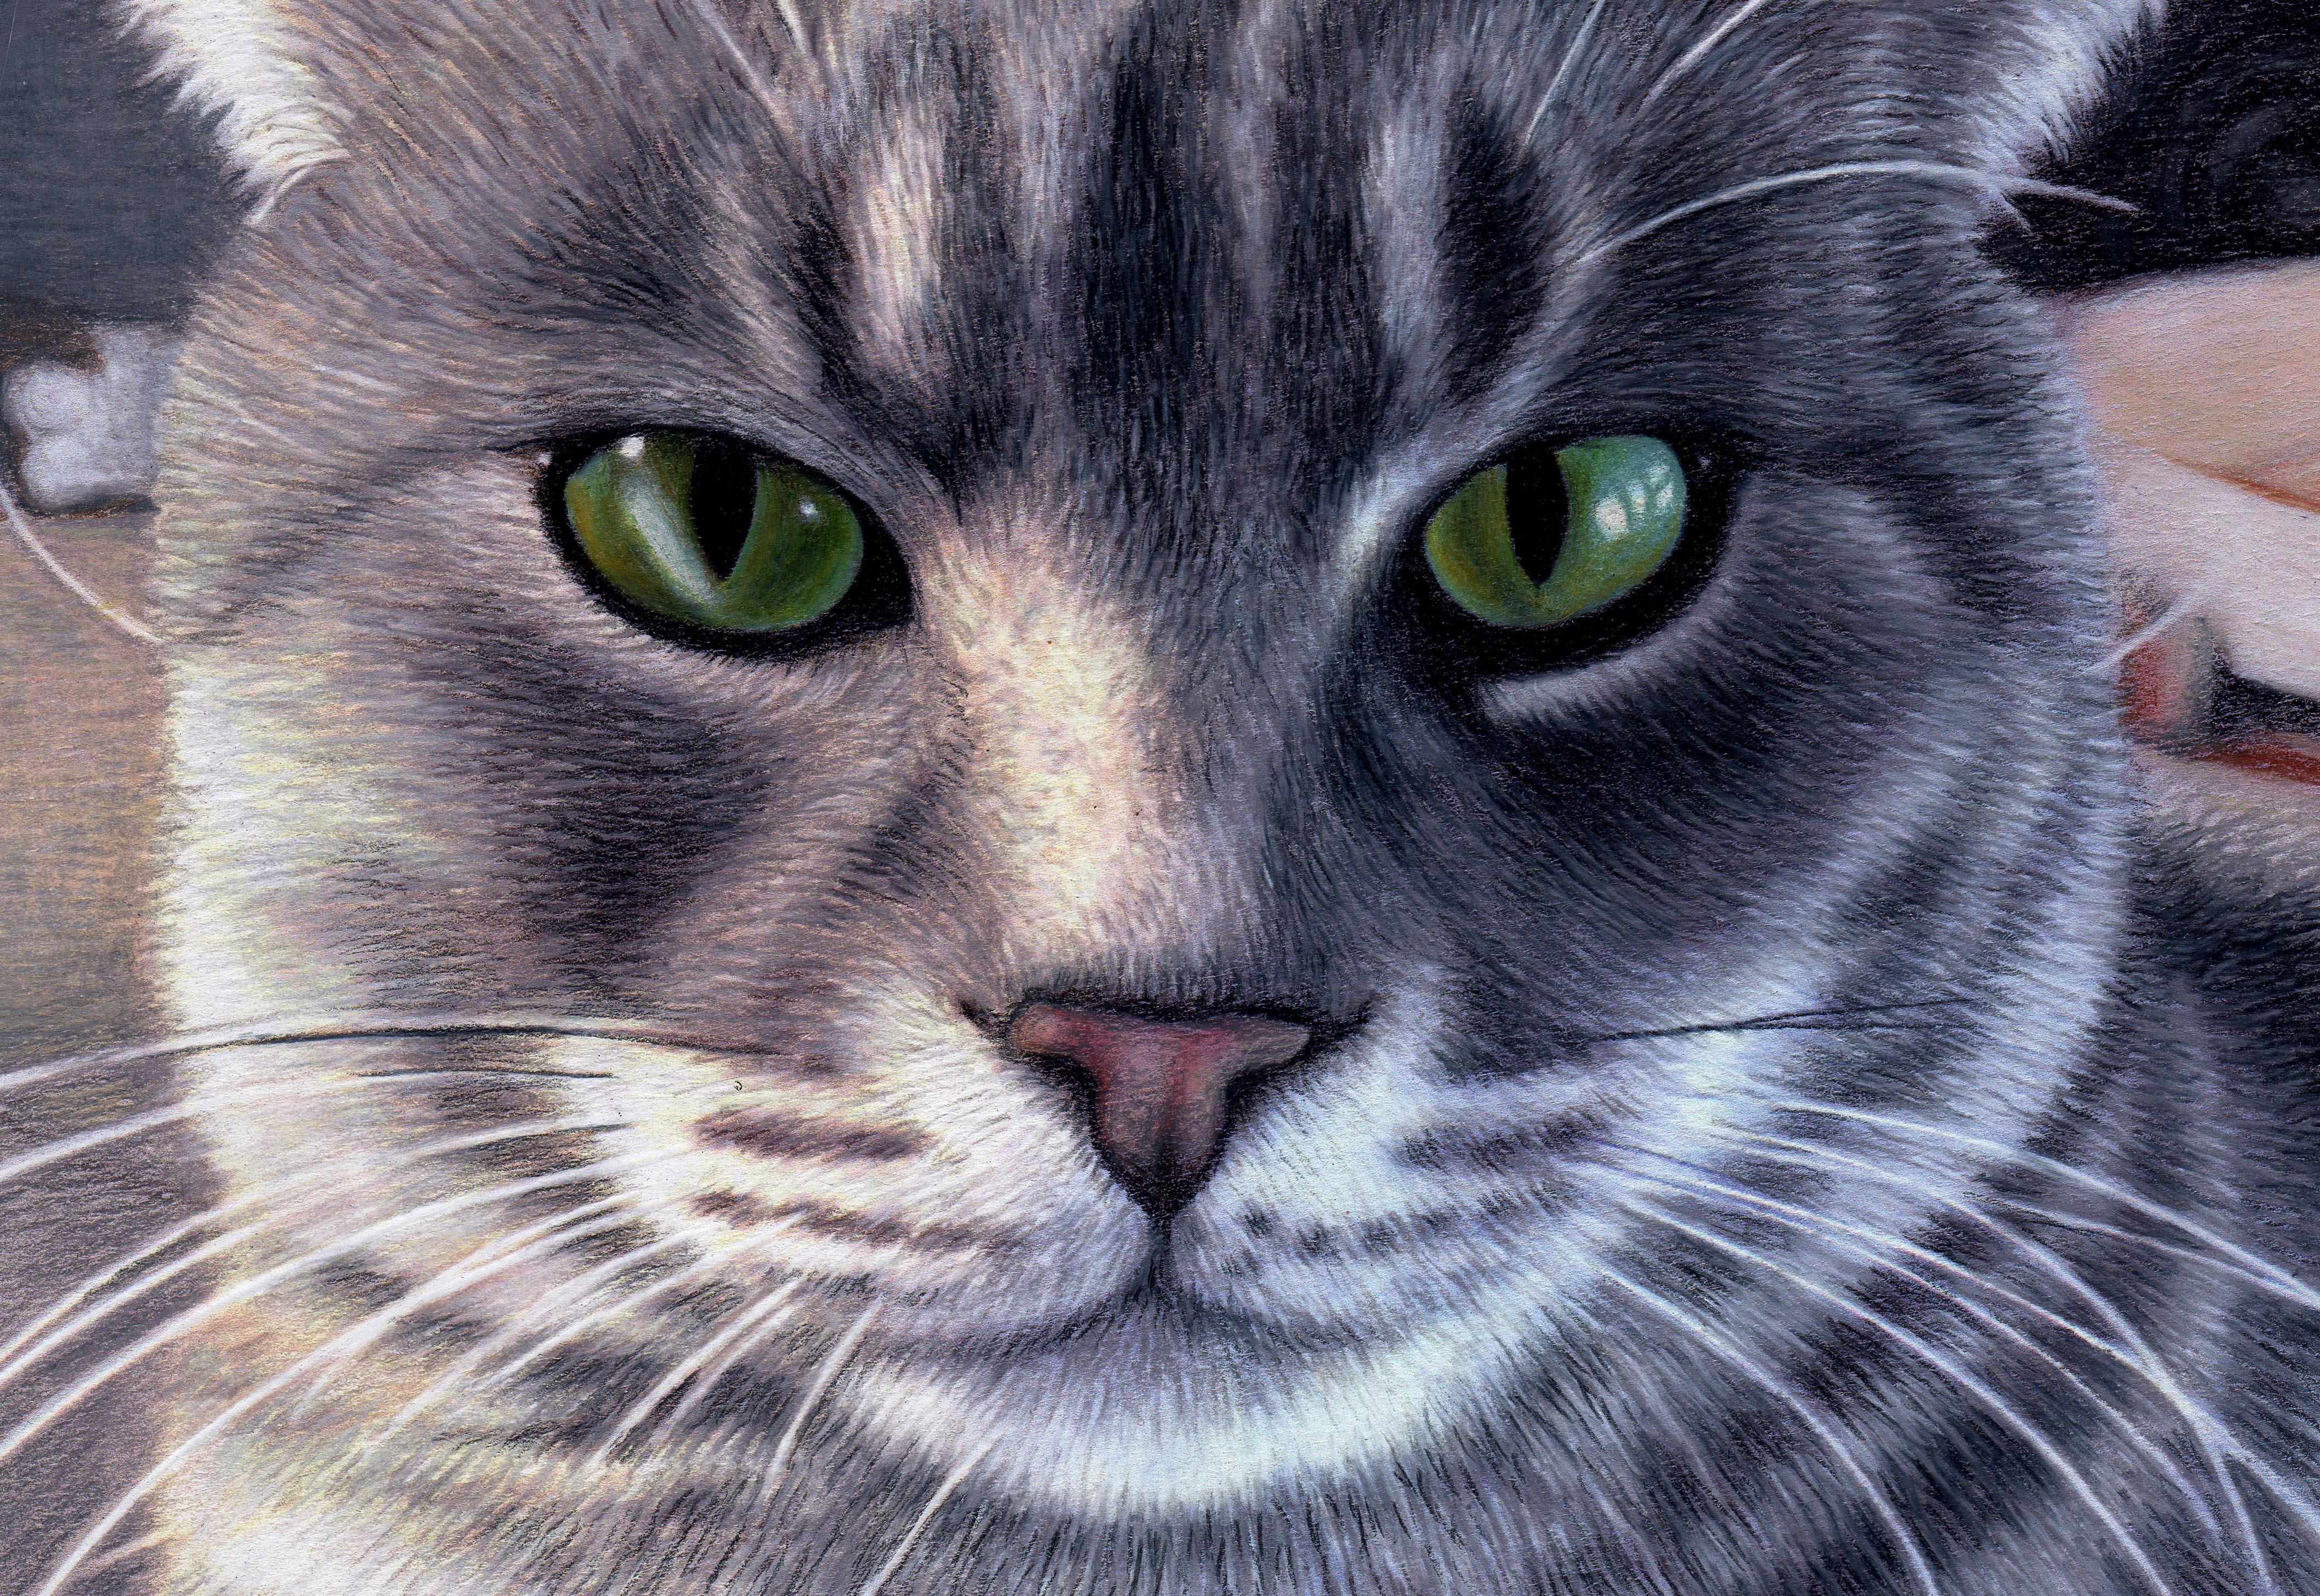 cropcat